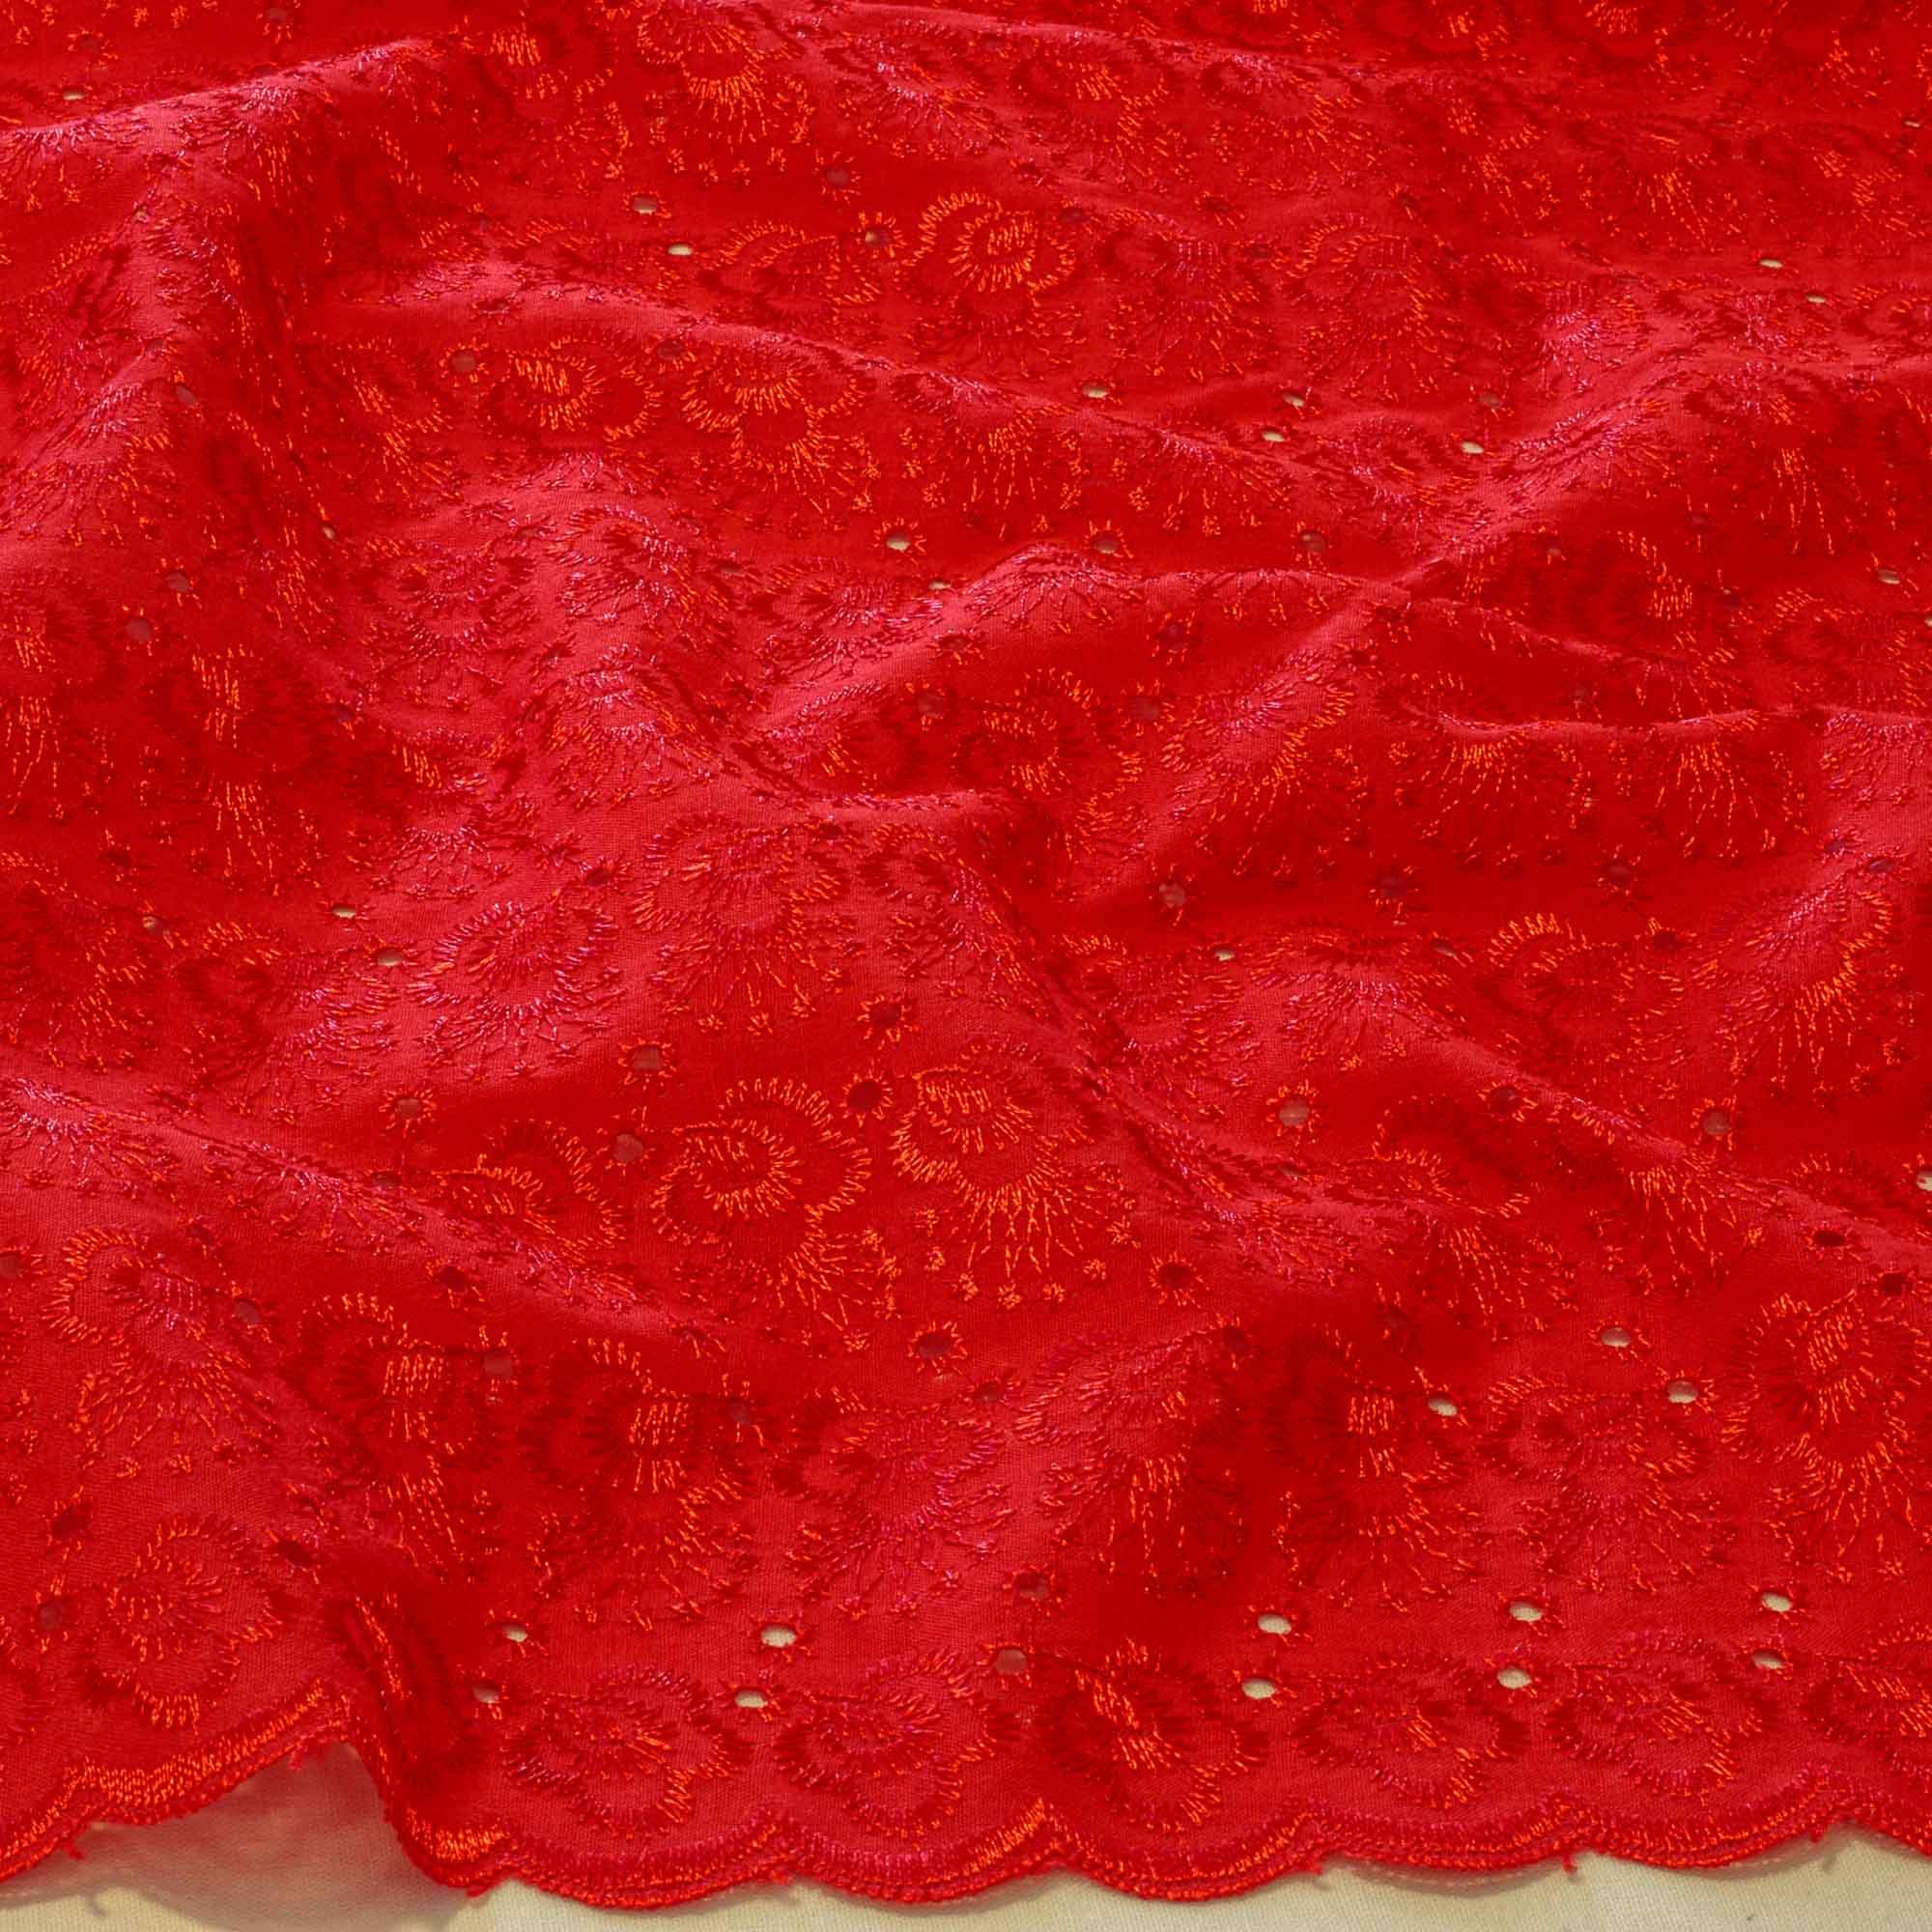 Tecido Laise Vermelha 80 % Poliéster 20% Algodão 1,40 Mt Largura